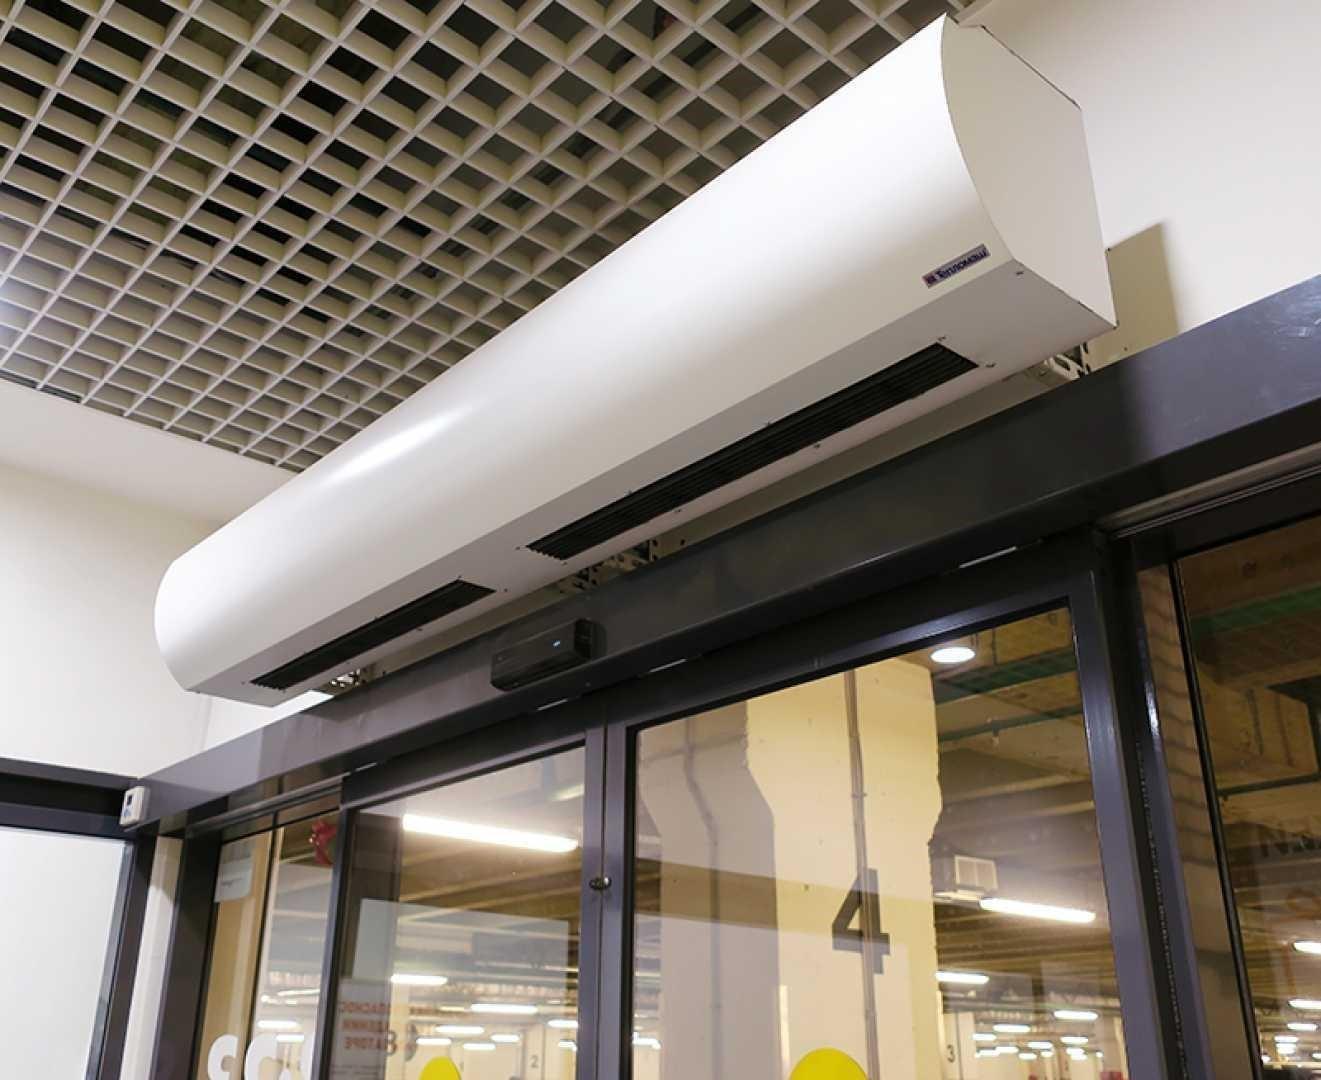 Тепловая завеса КЭВ-36П4060E нерж. - 36 кВт, (длина 2.0 м) для проемов высотой от 3-5 м.